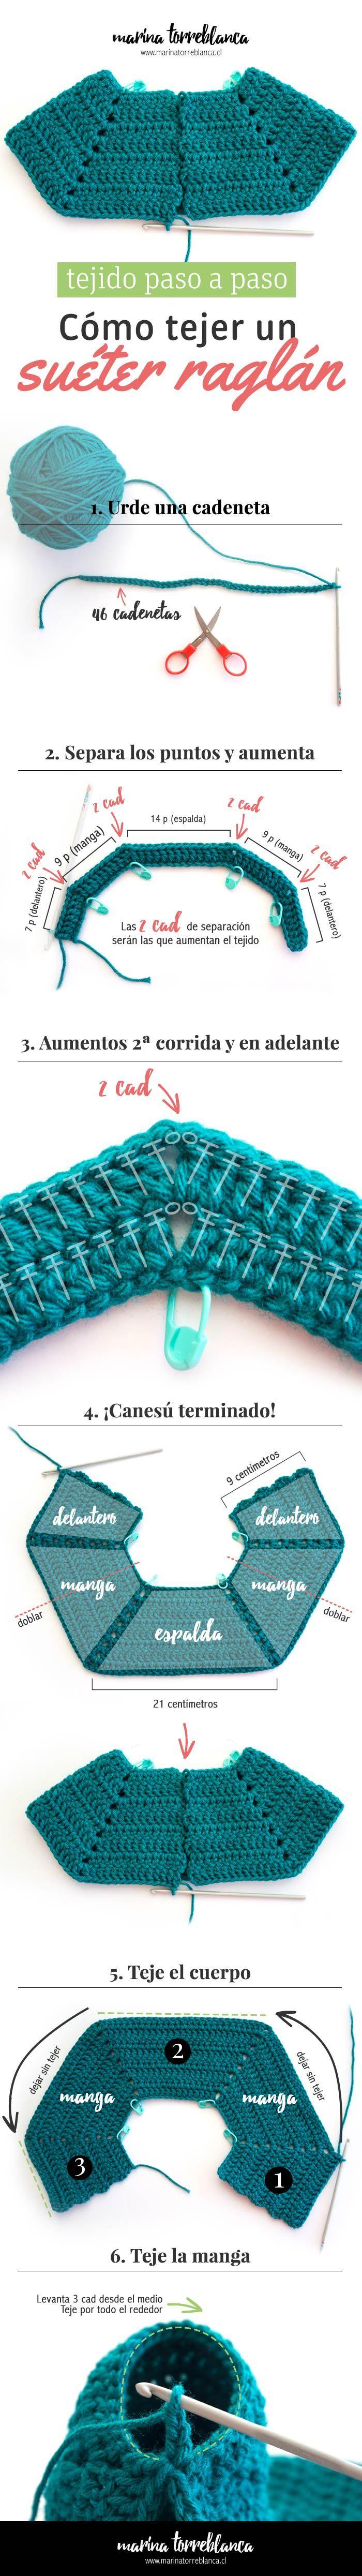 La guia definitiva para tejer un sueter raglan a crochet - Marina Torreblanca Blog